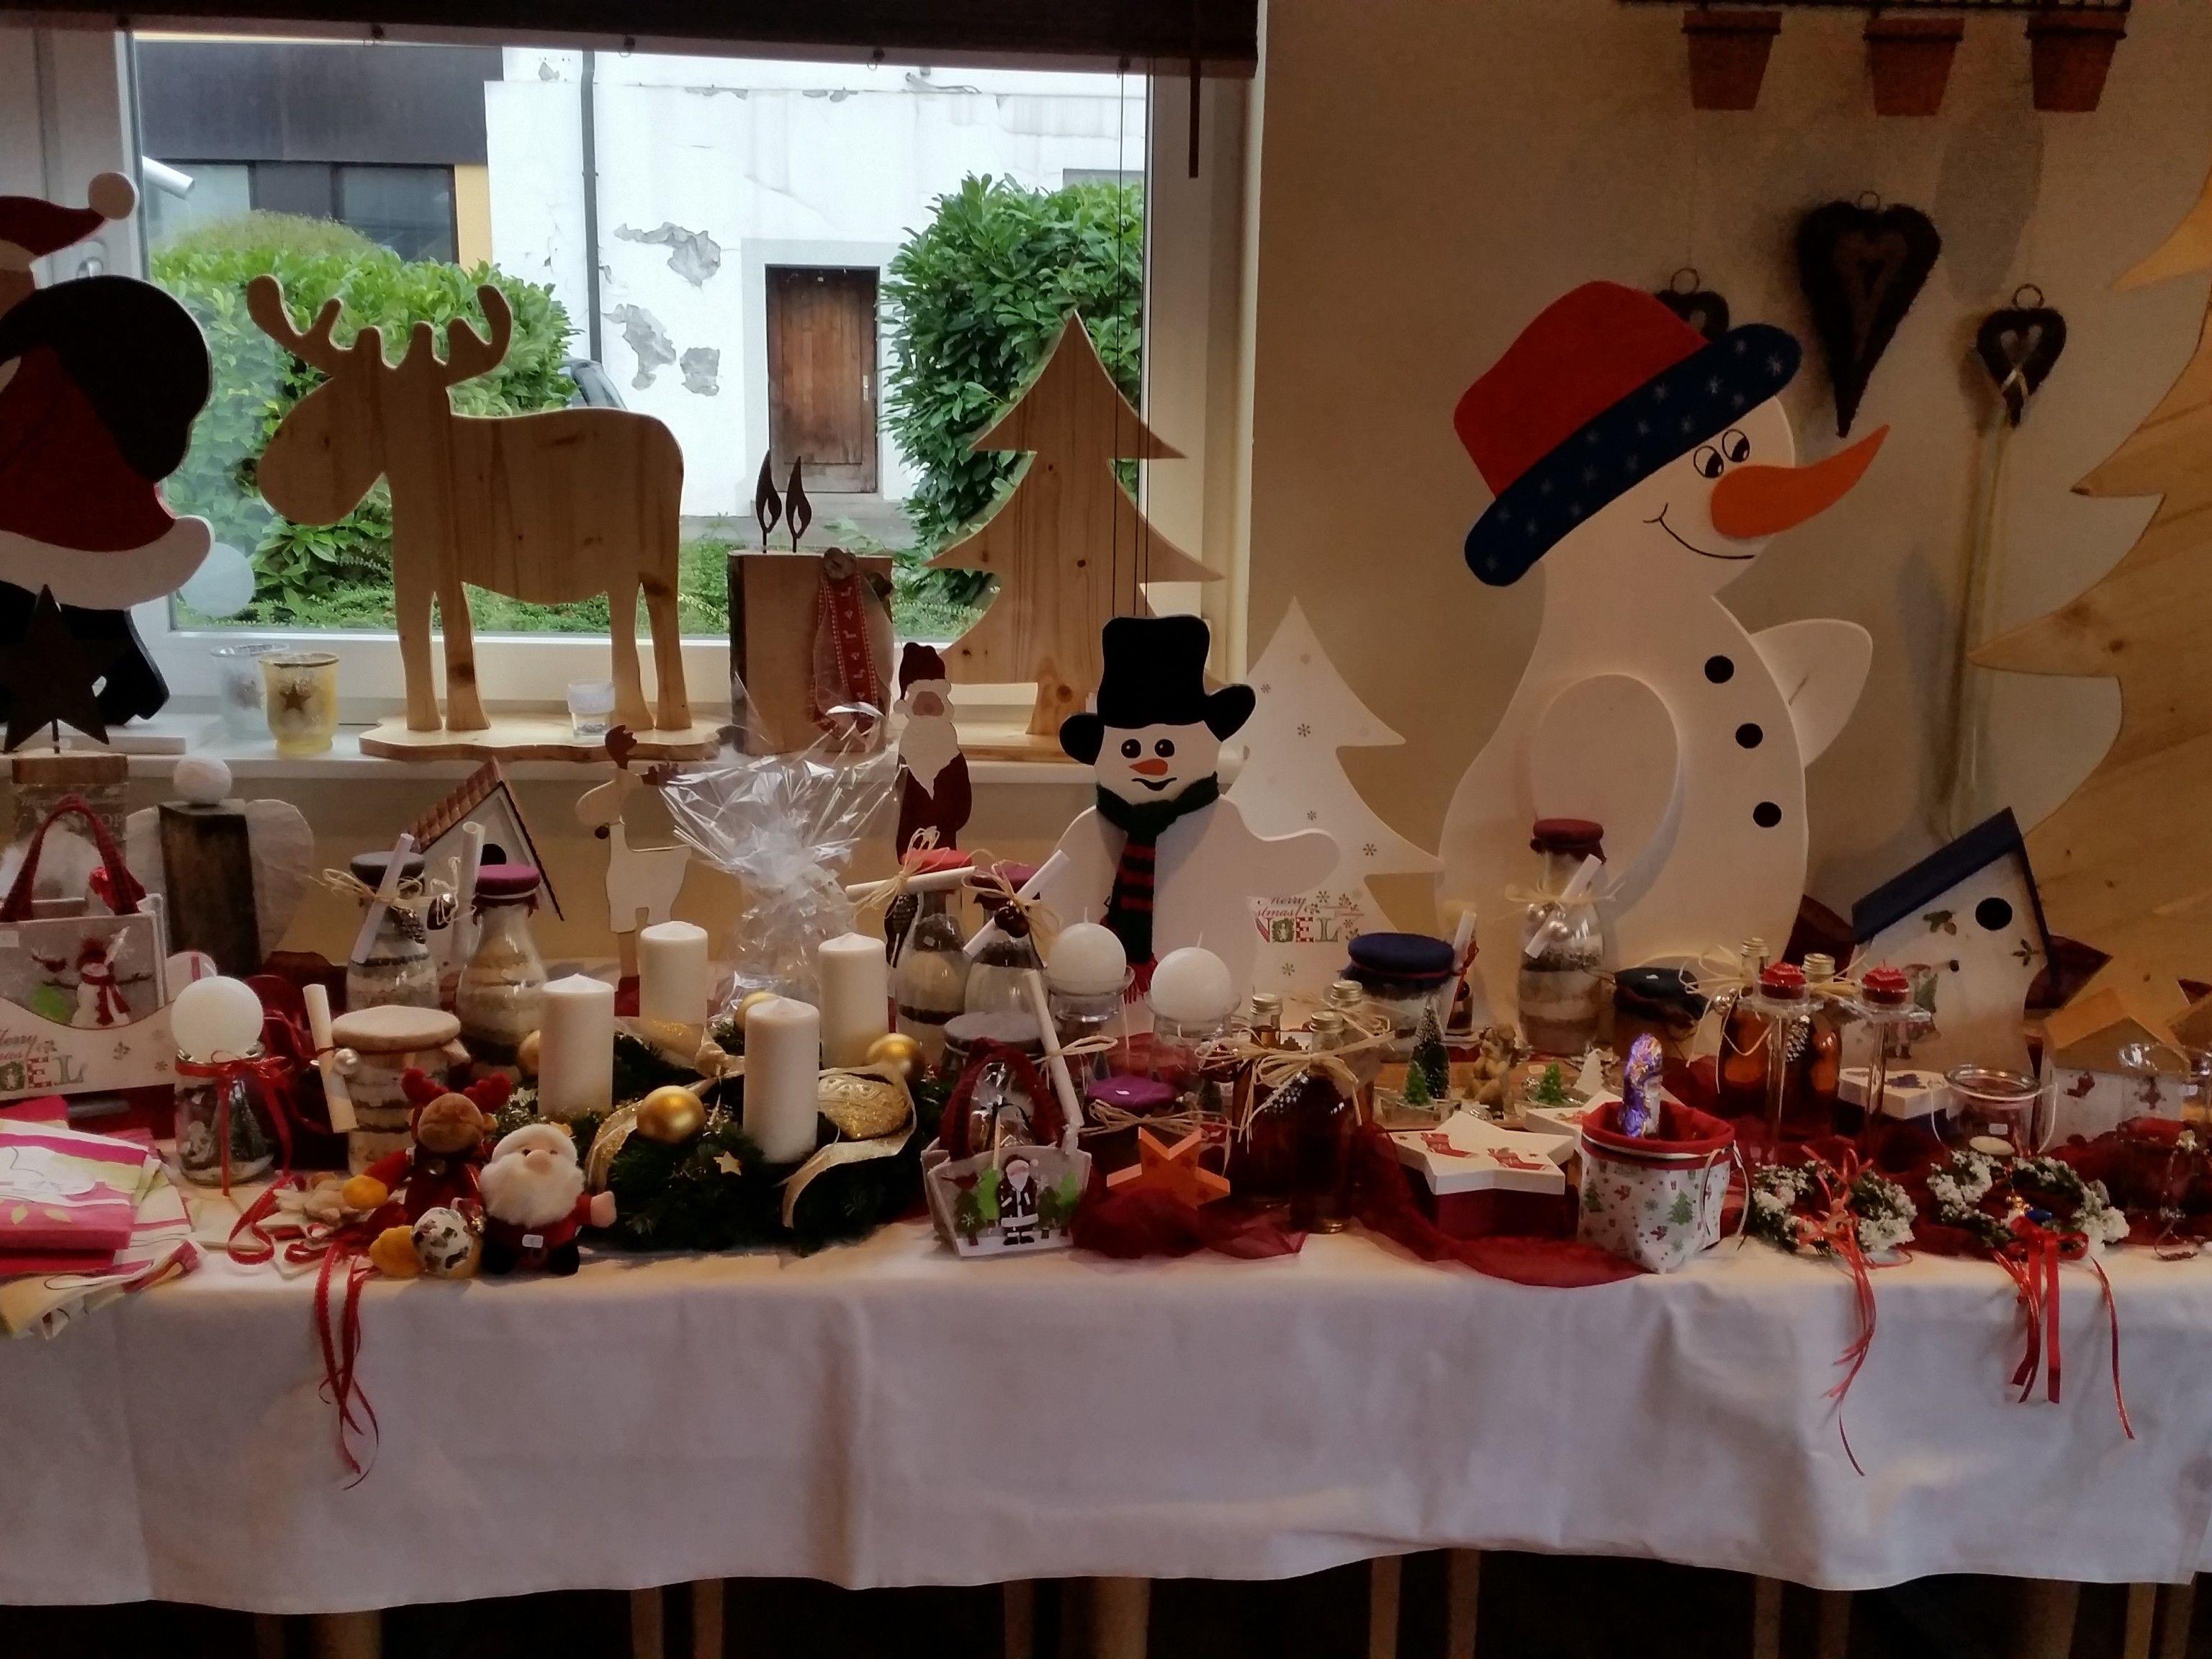 Weihnachten kann kommen, zumindest für die fleißigen Bastler vom Verein Herzenssache, der am Sonntag zum Adventmarkt lädt.